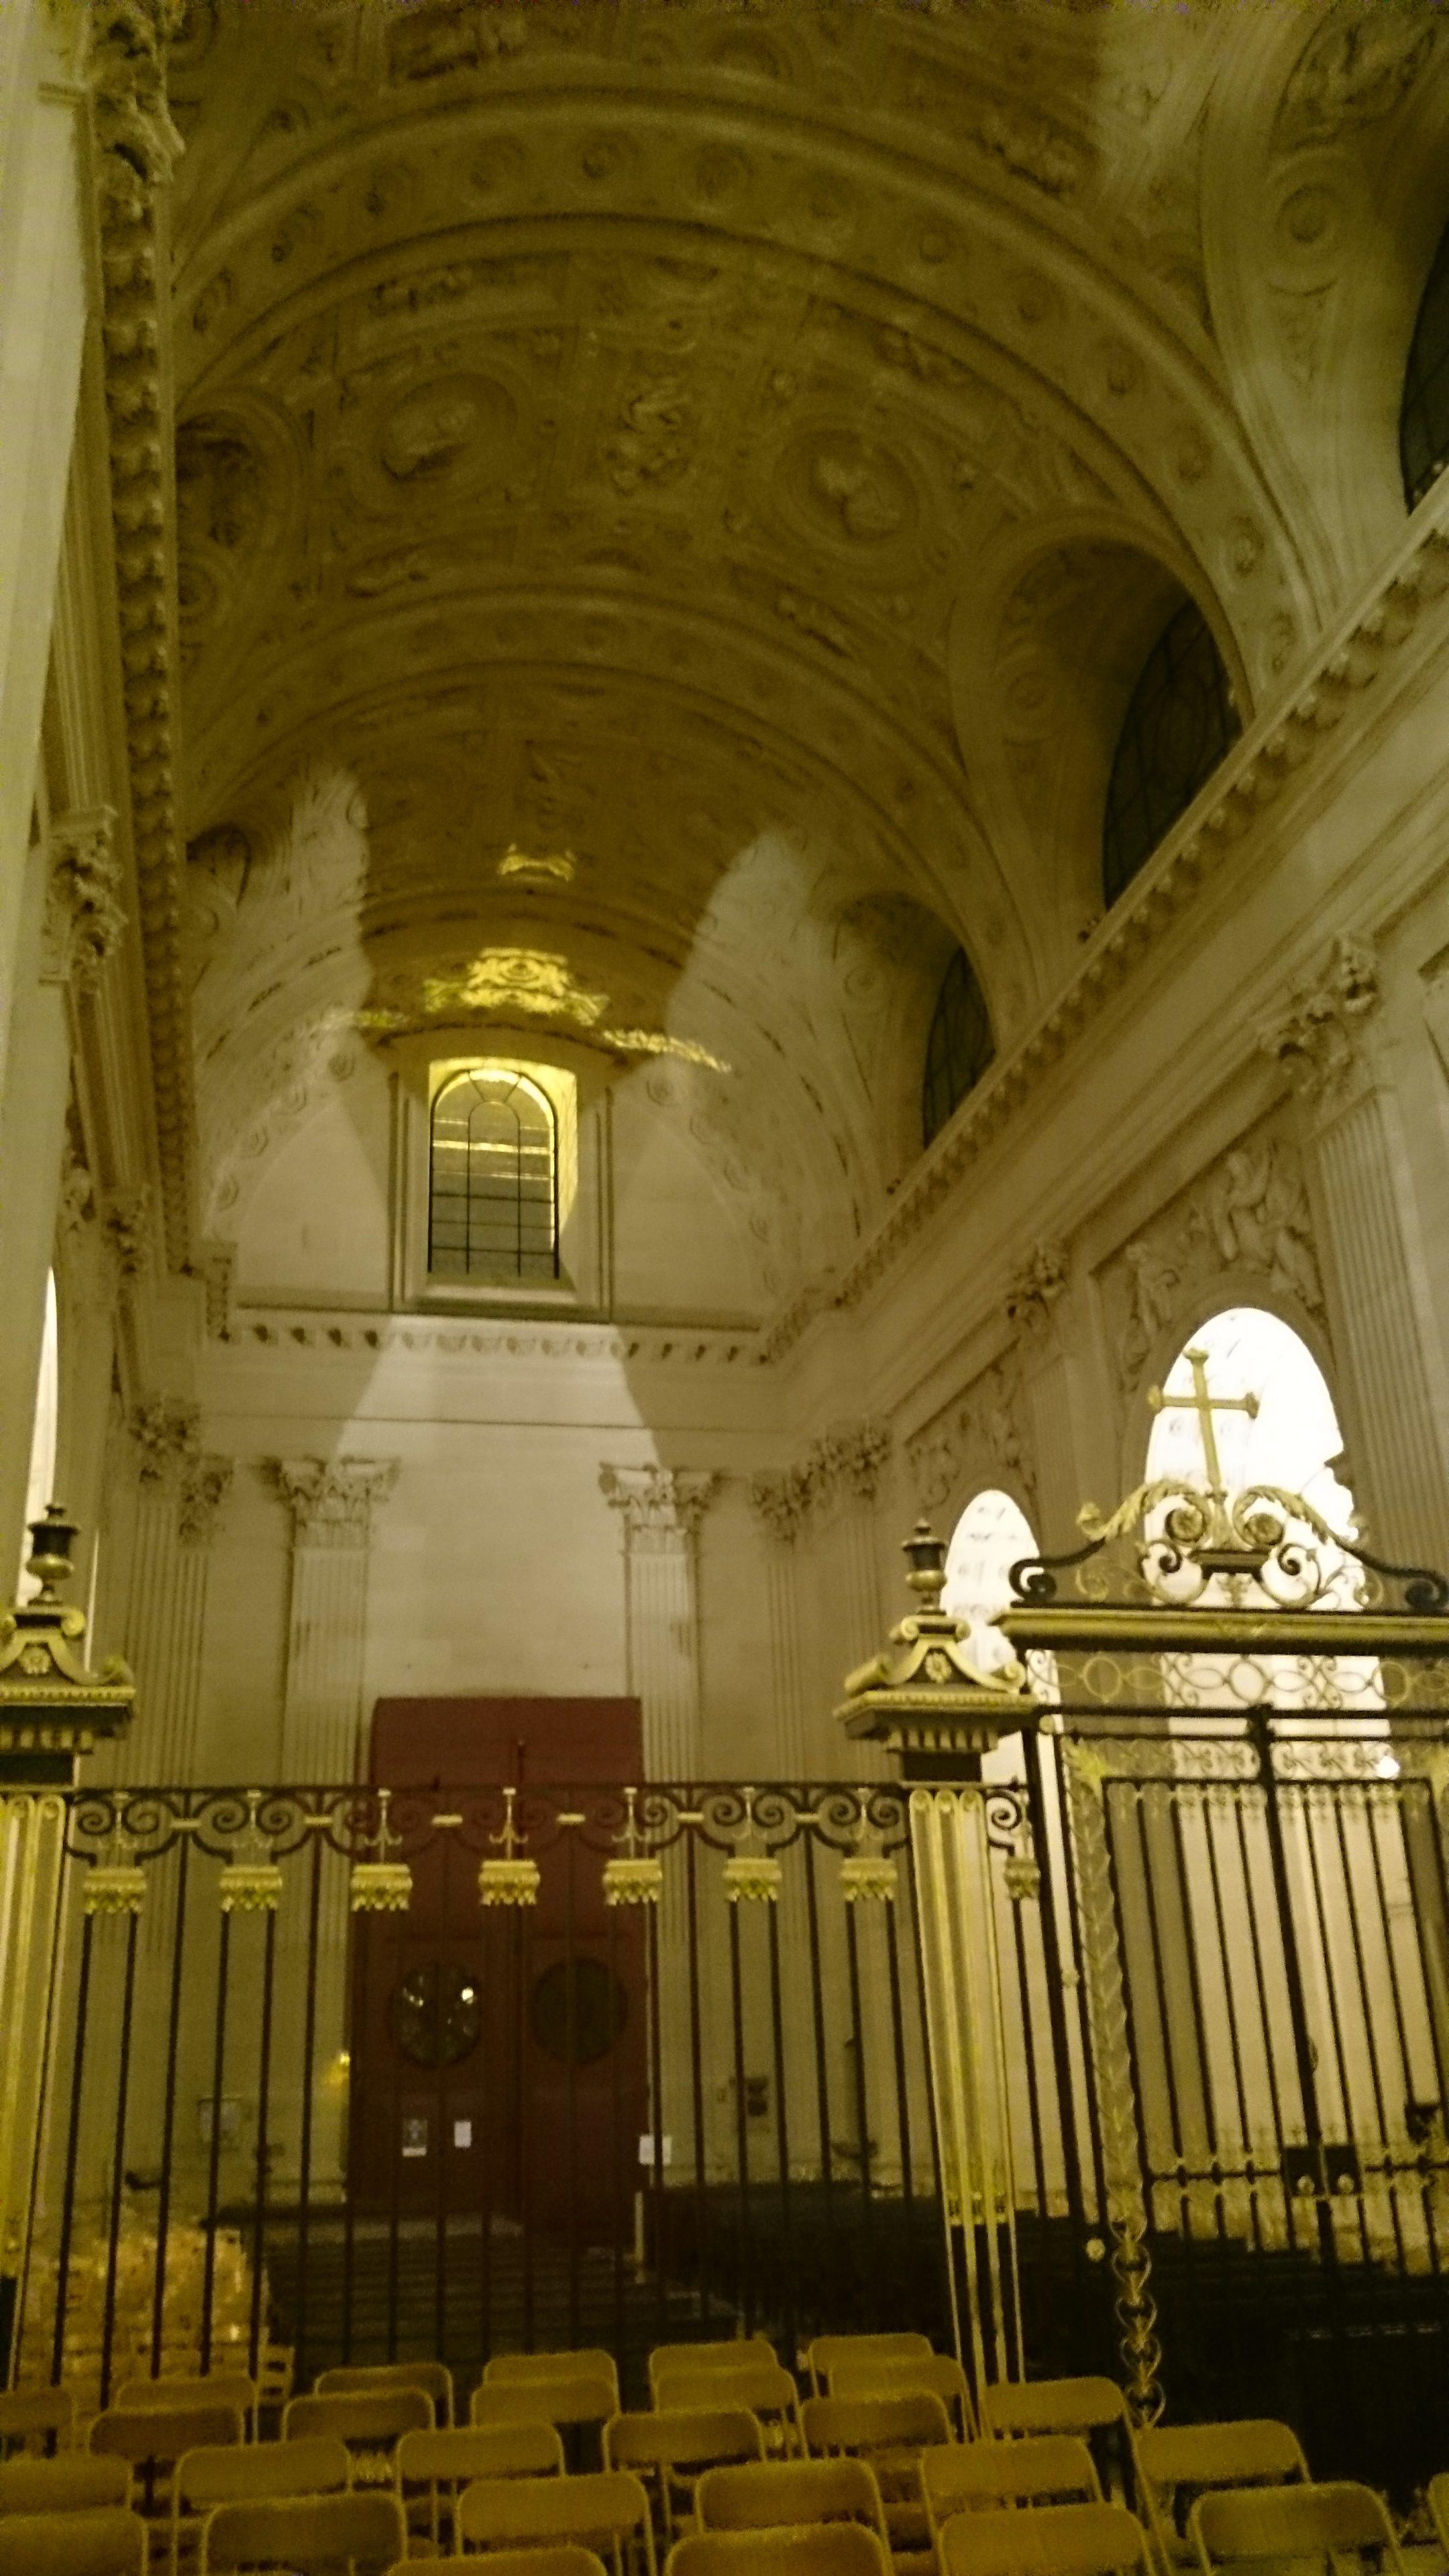 Vue intérieure de l'église du Val de Grâce à Paris